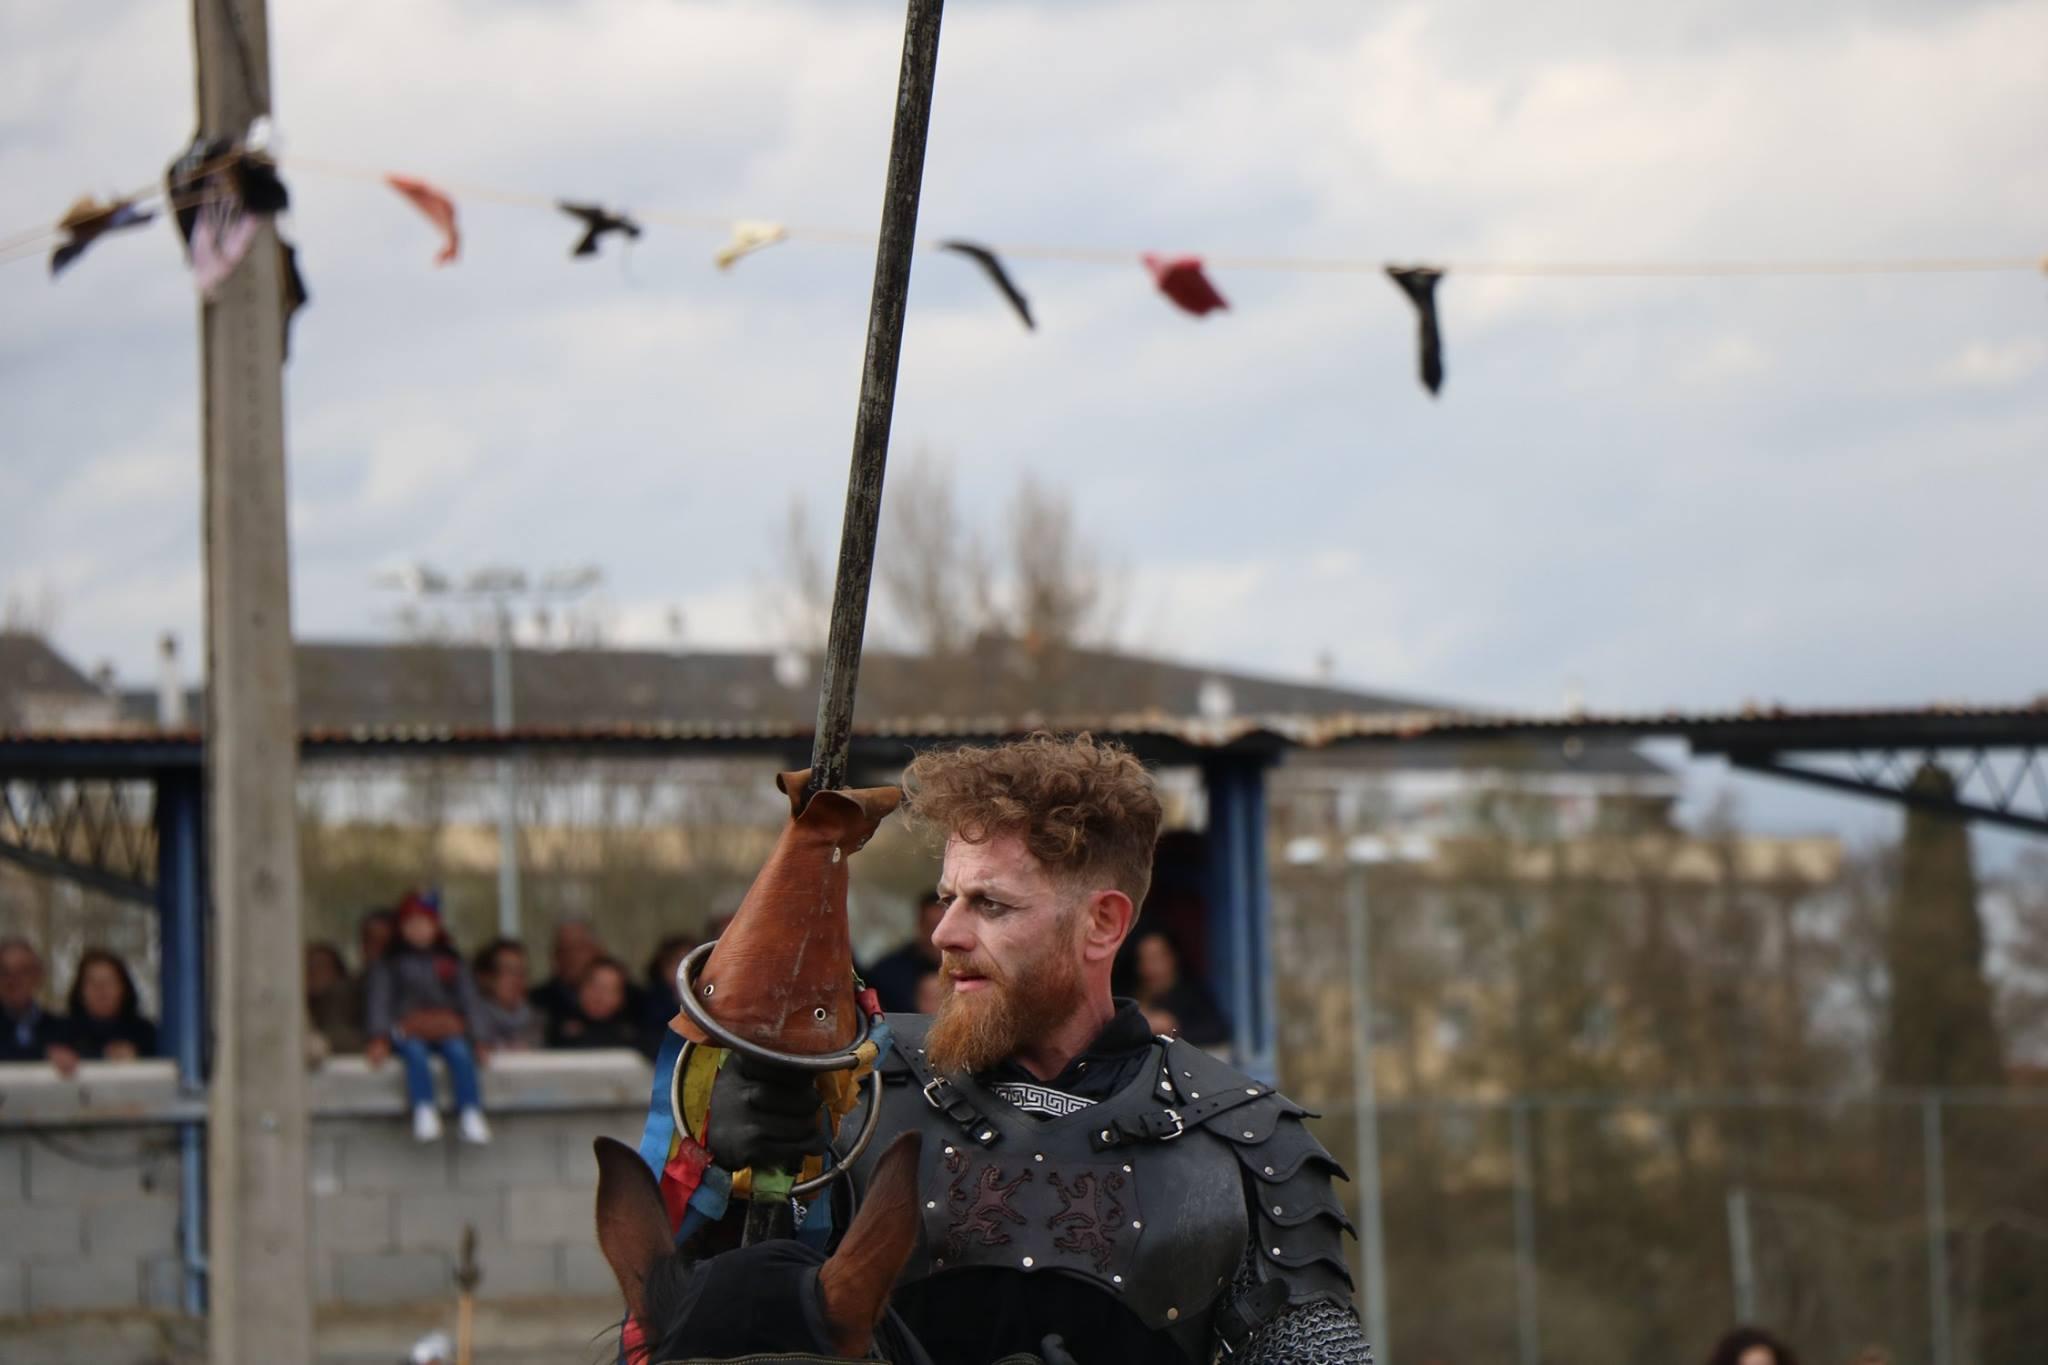 XVI Feria Medieval de Monforte de Lemos